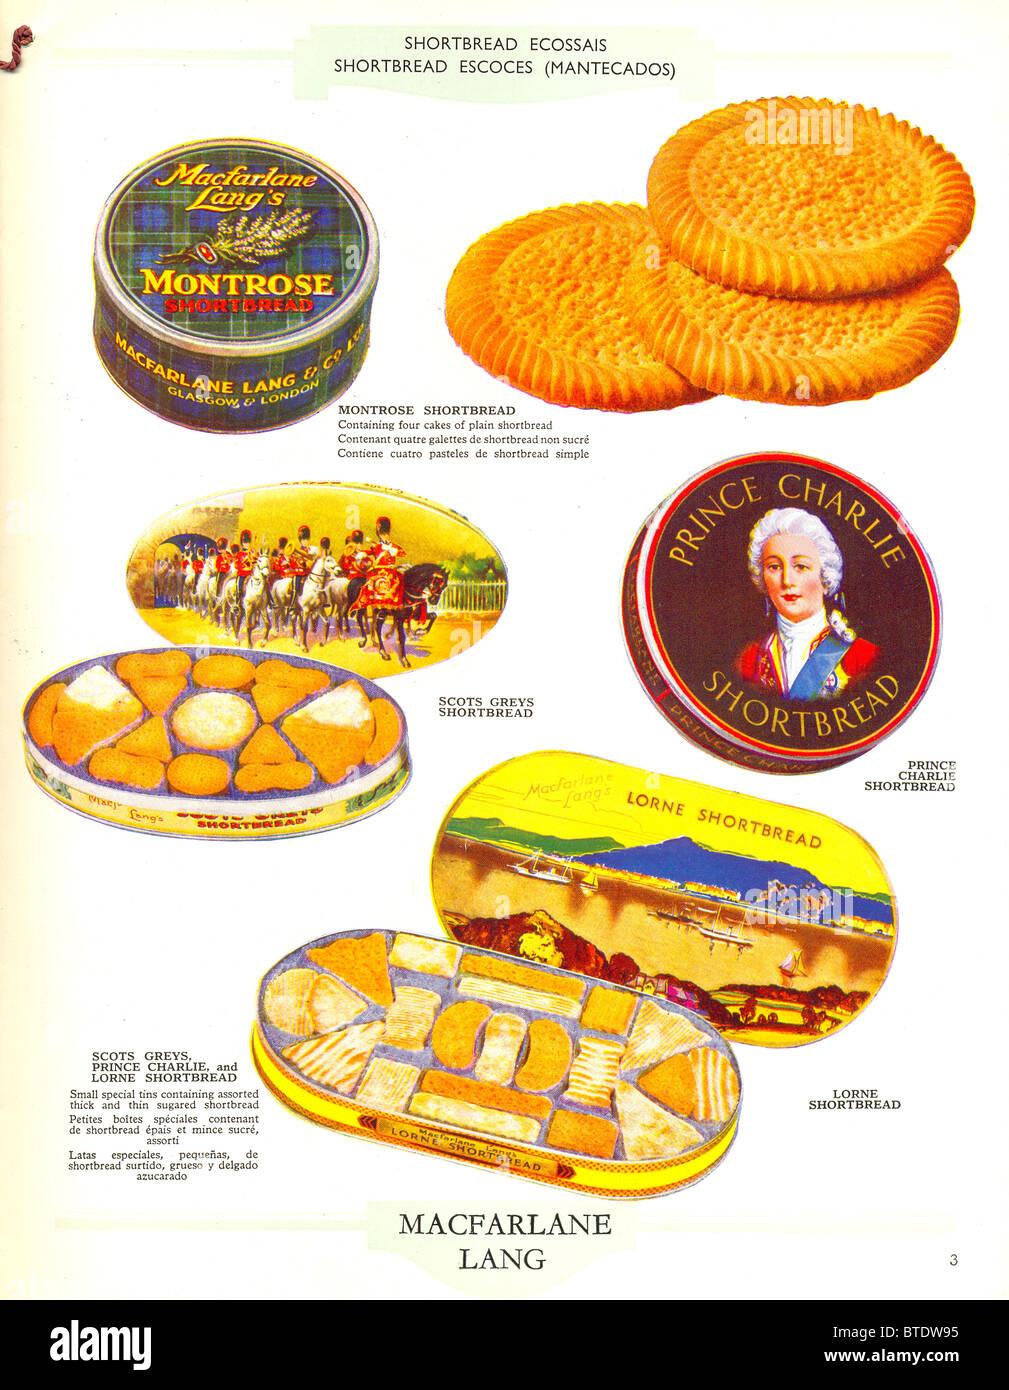 Shortbread from Macfarlane Lang's  catalogue - Stock Image